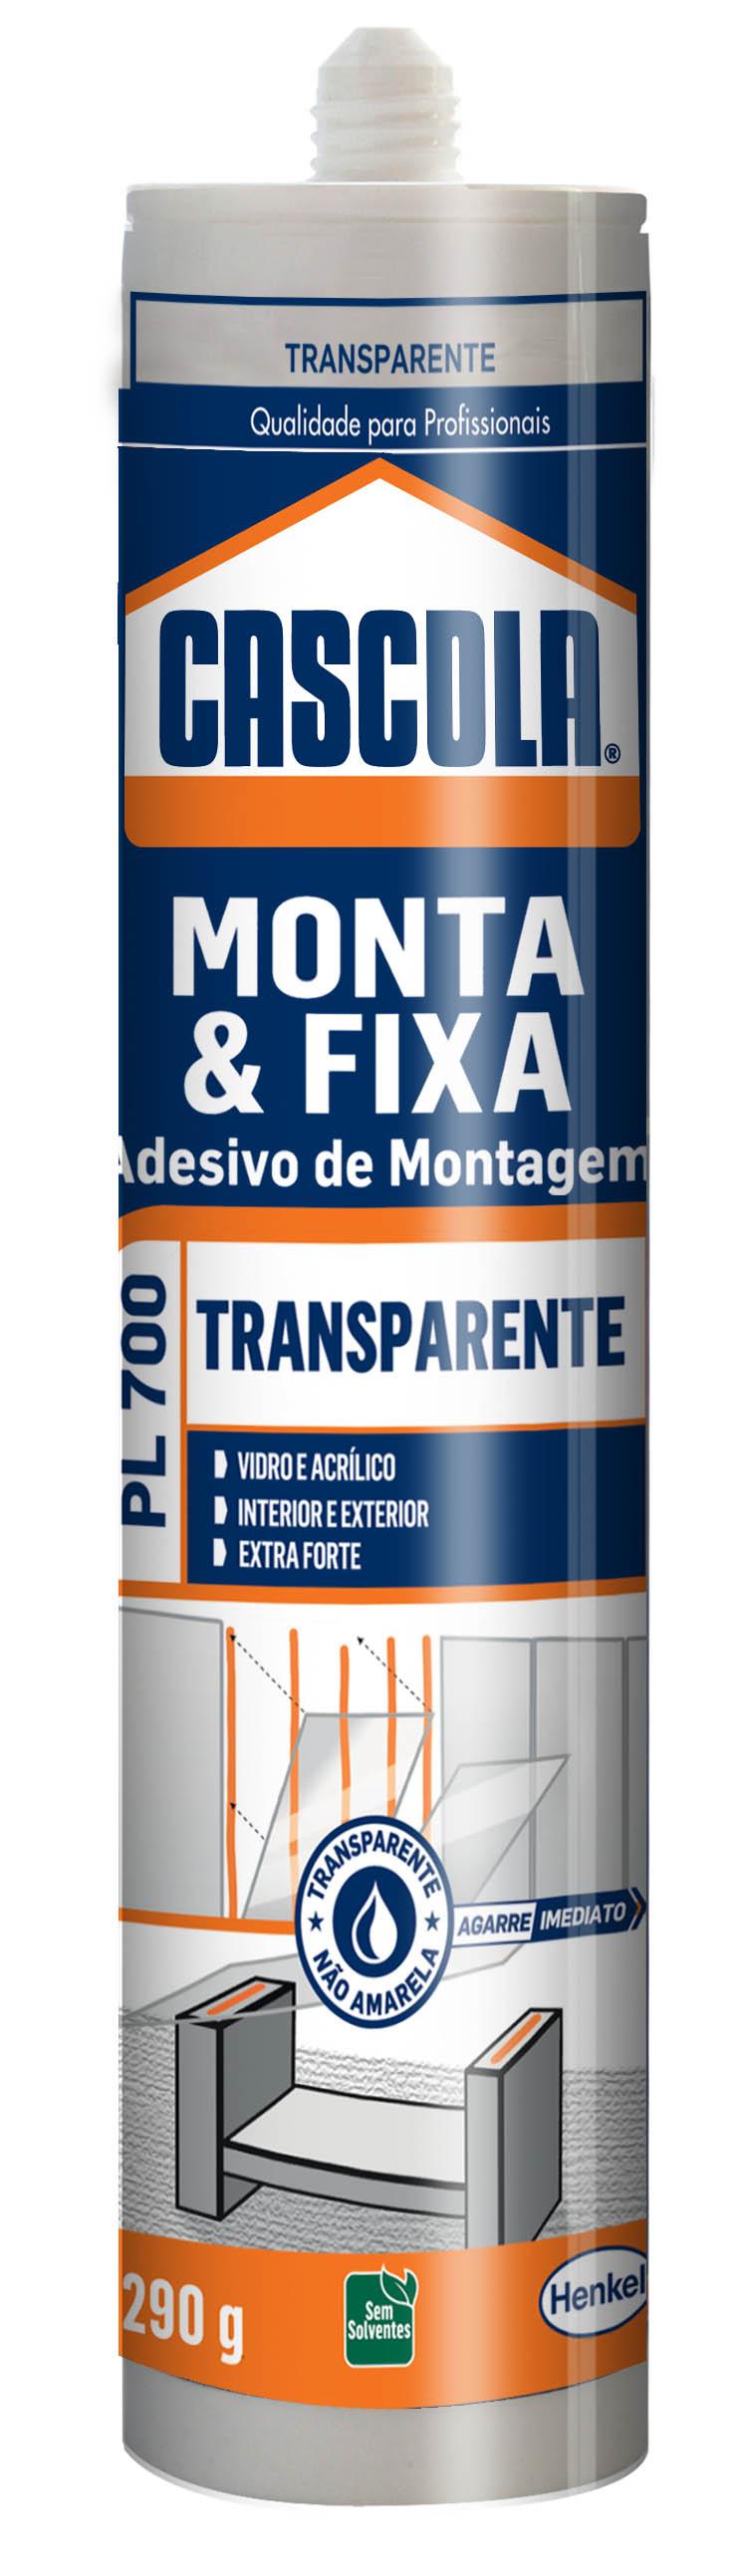 Cascola oferece dicas de aplicação de adesivo de montagem transparente em vidro